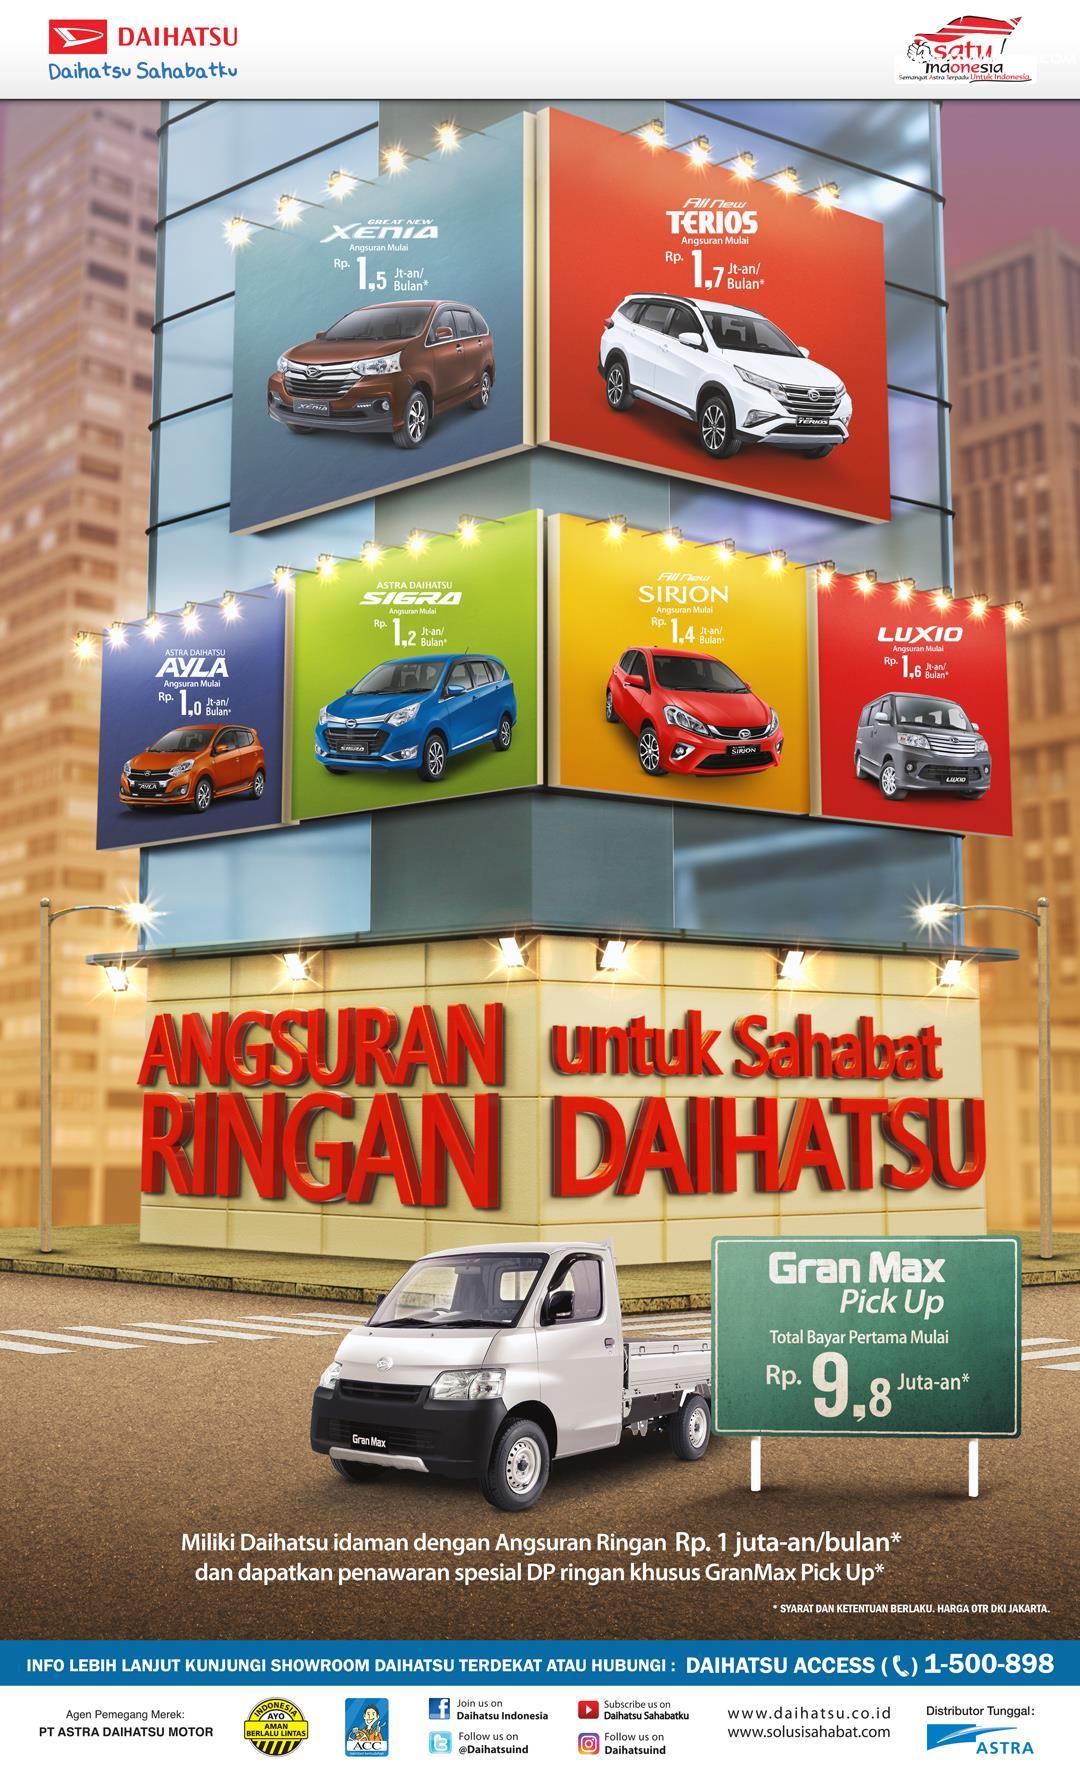 Promo Daihatsu Xenia 2018 memberikan program angsuran hingga Rp. 1,5 jutaan per bulan